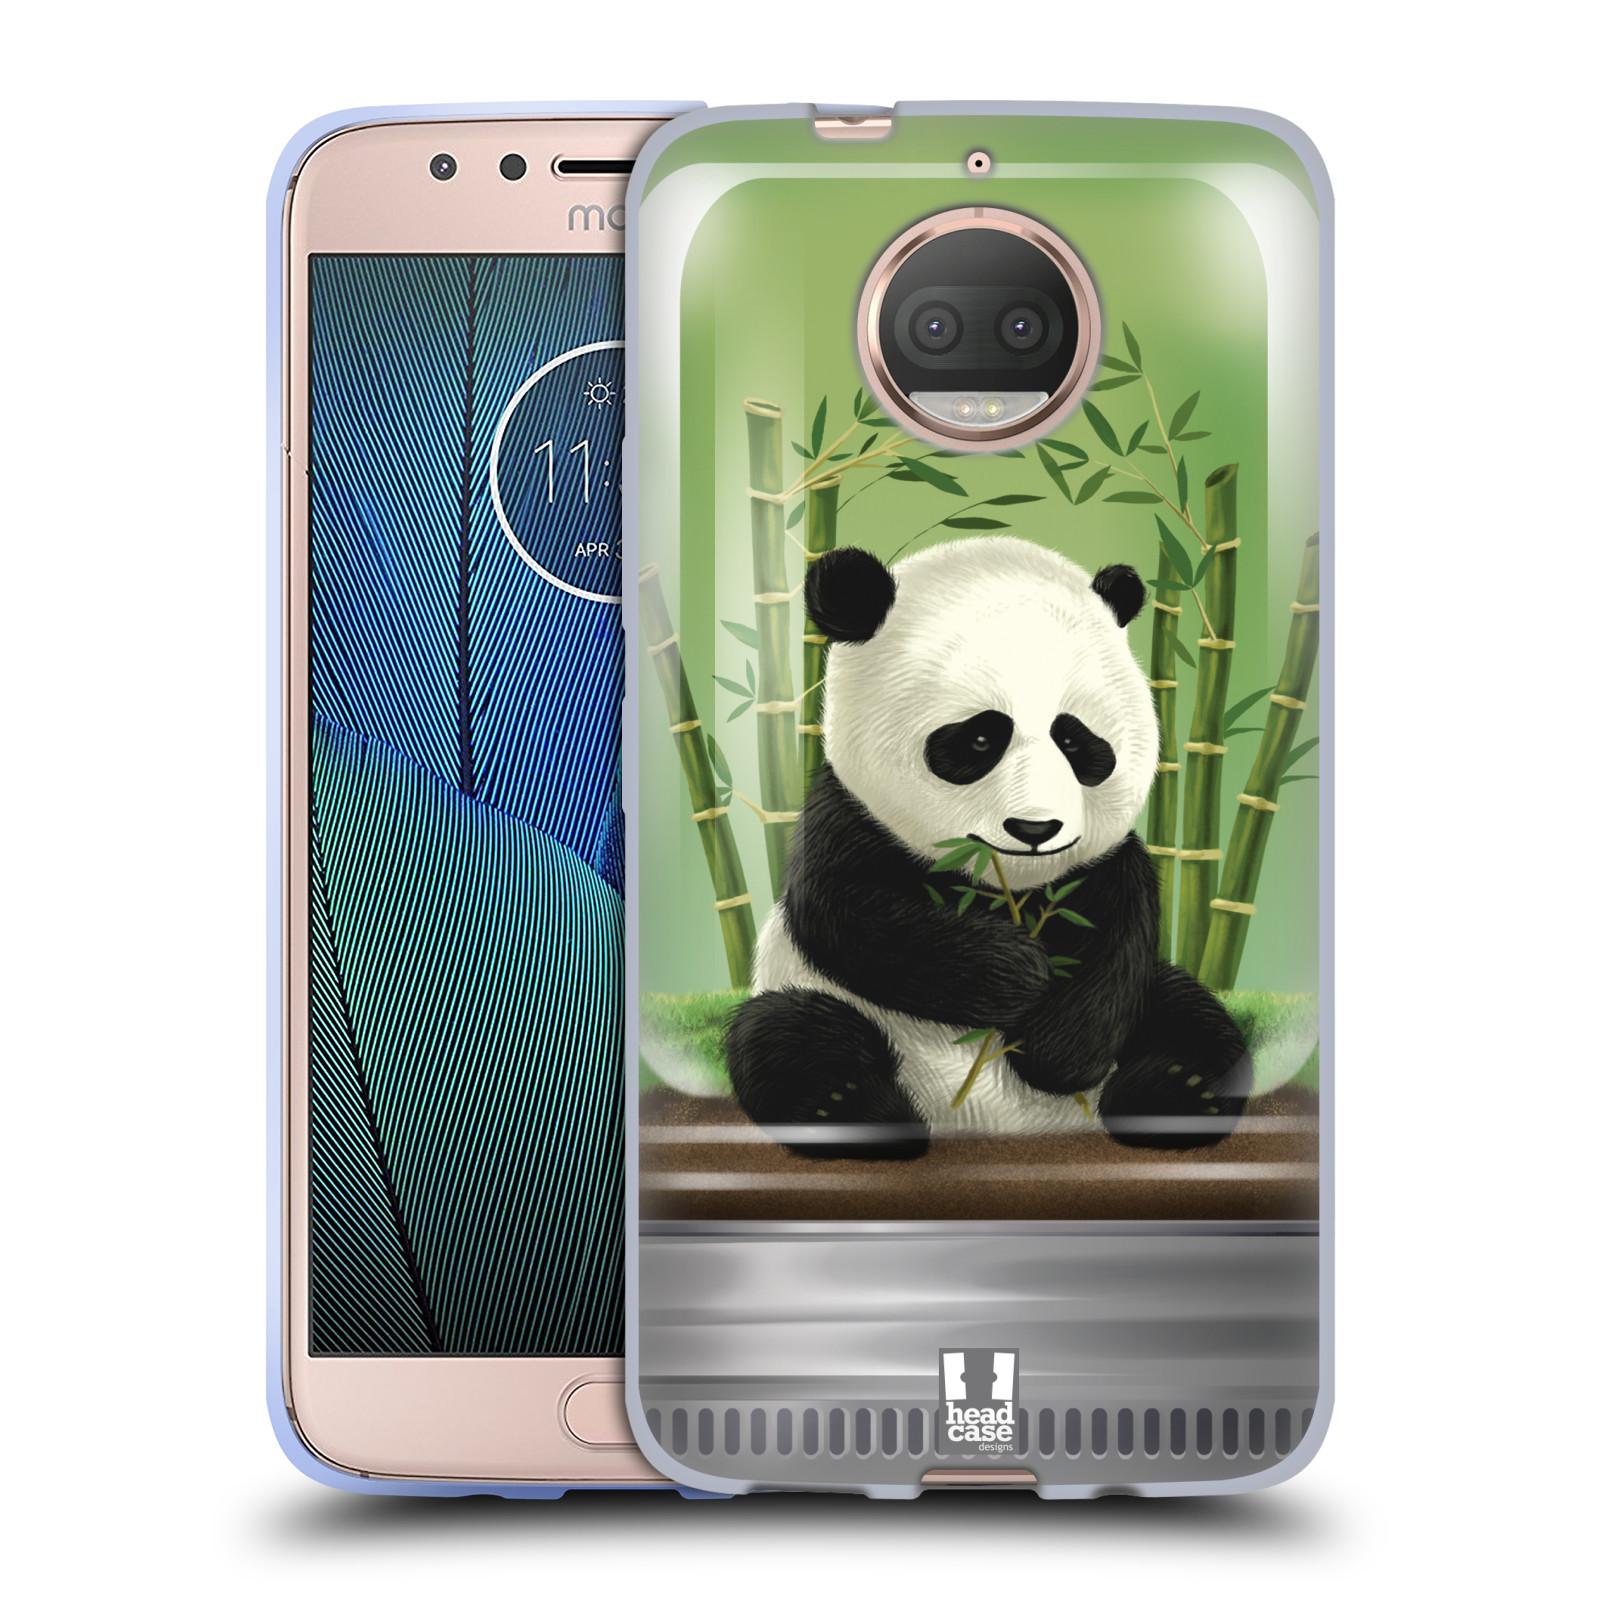 HEAD CASE silikonový obal na mobil Lenovo Moto G5s PLUS vzor Zvířátka v těžítku panda